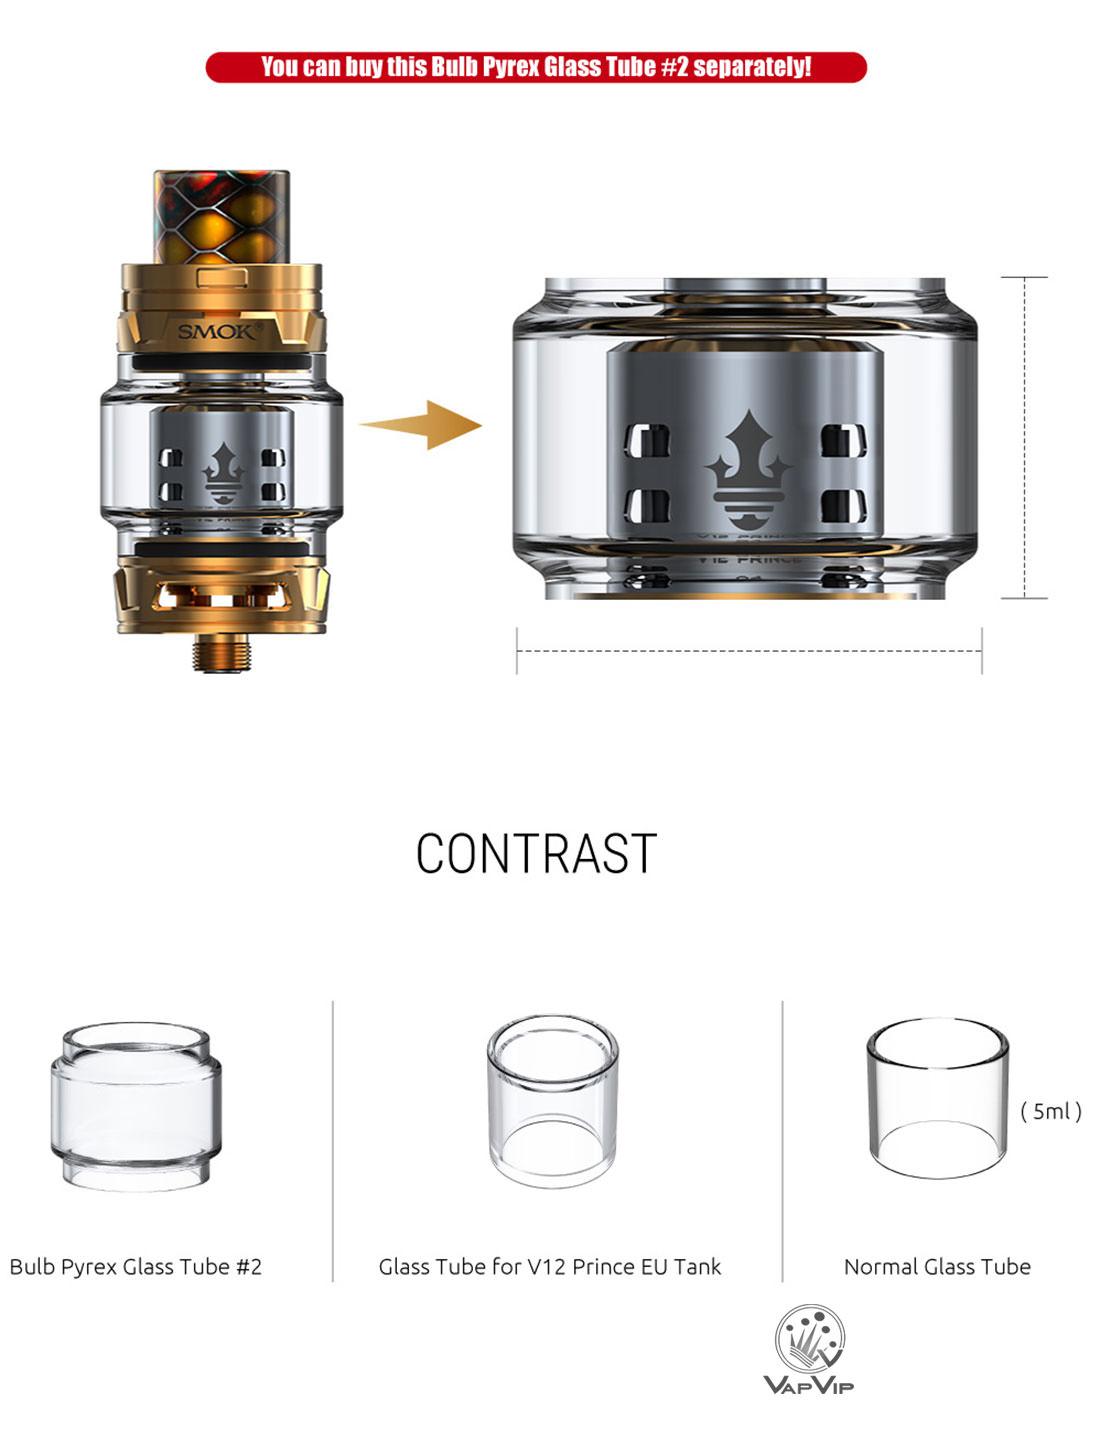 TFV12 Prince EU 2ml Atomizador by Smok comprar en España